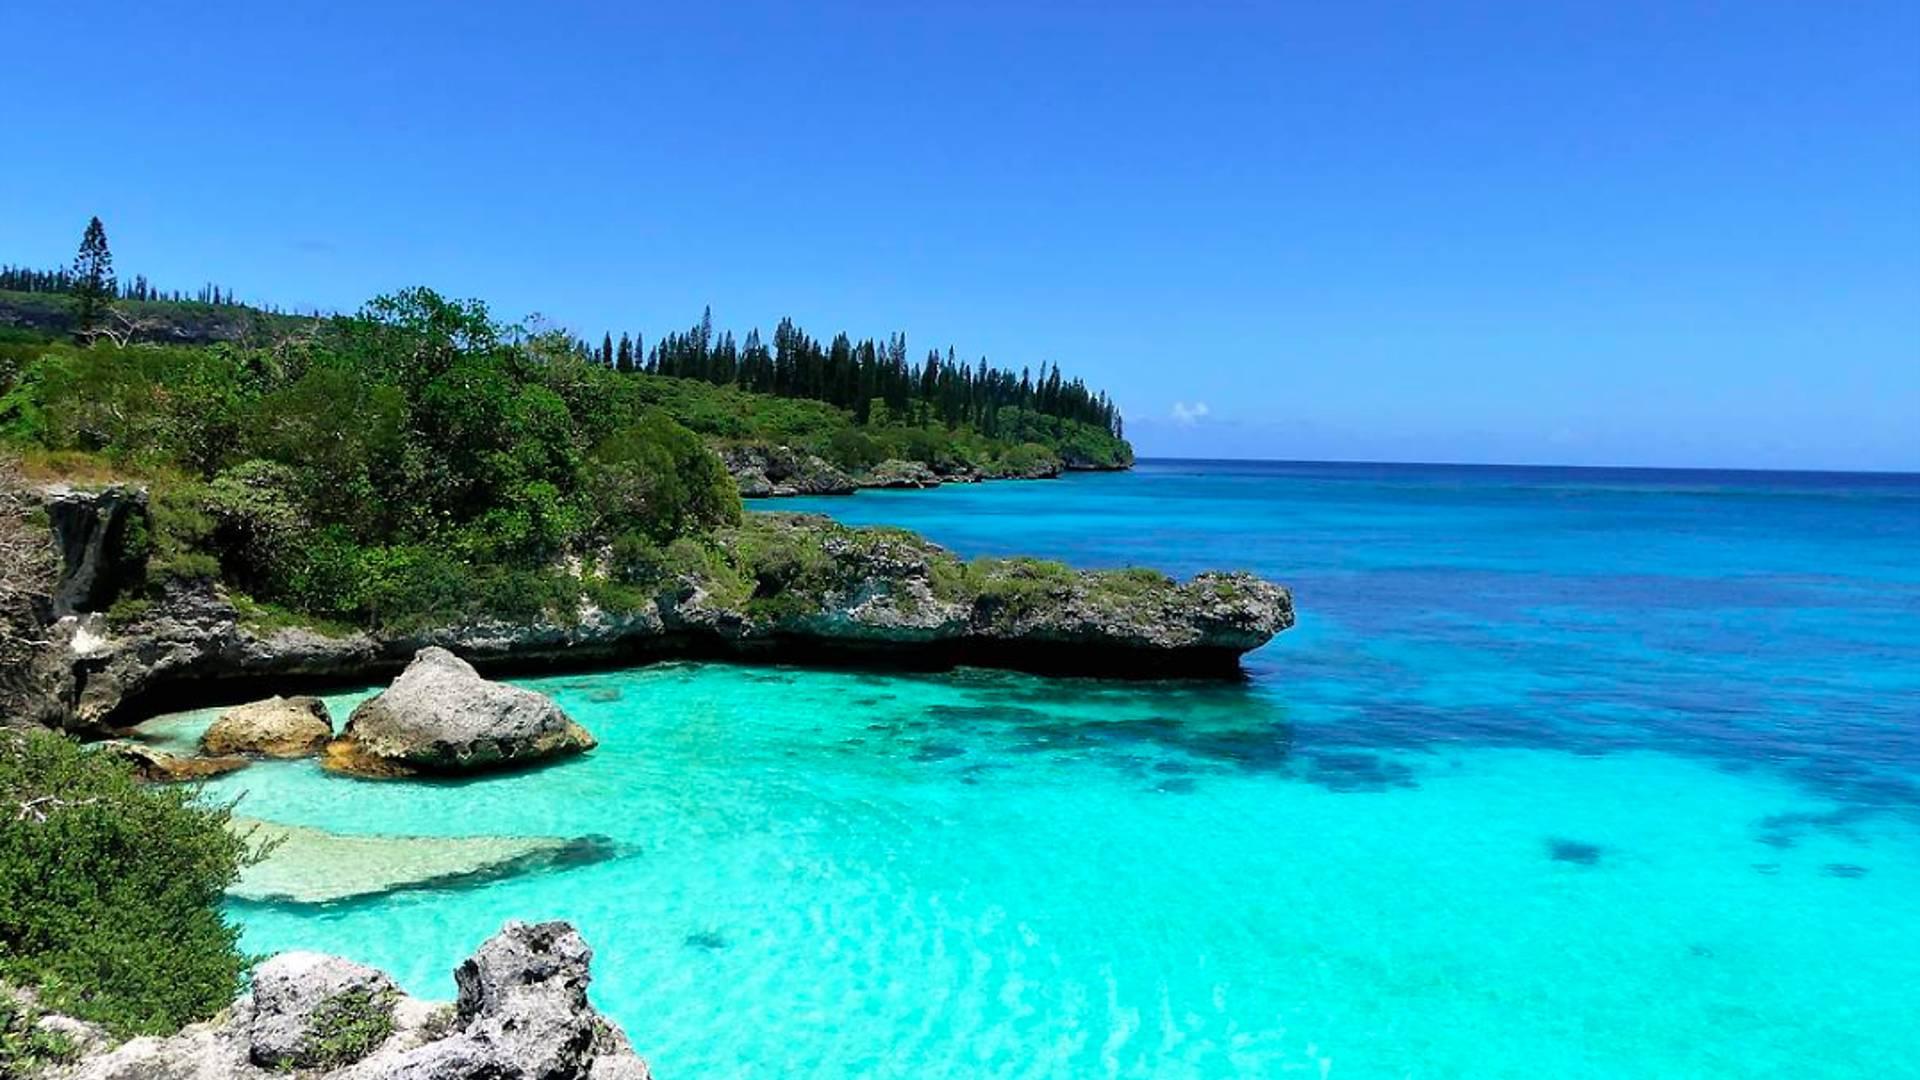 Grande Boucle à la découverte du Caillou: Grande Terre, Maré et île des Pins